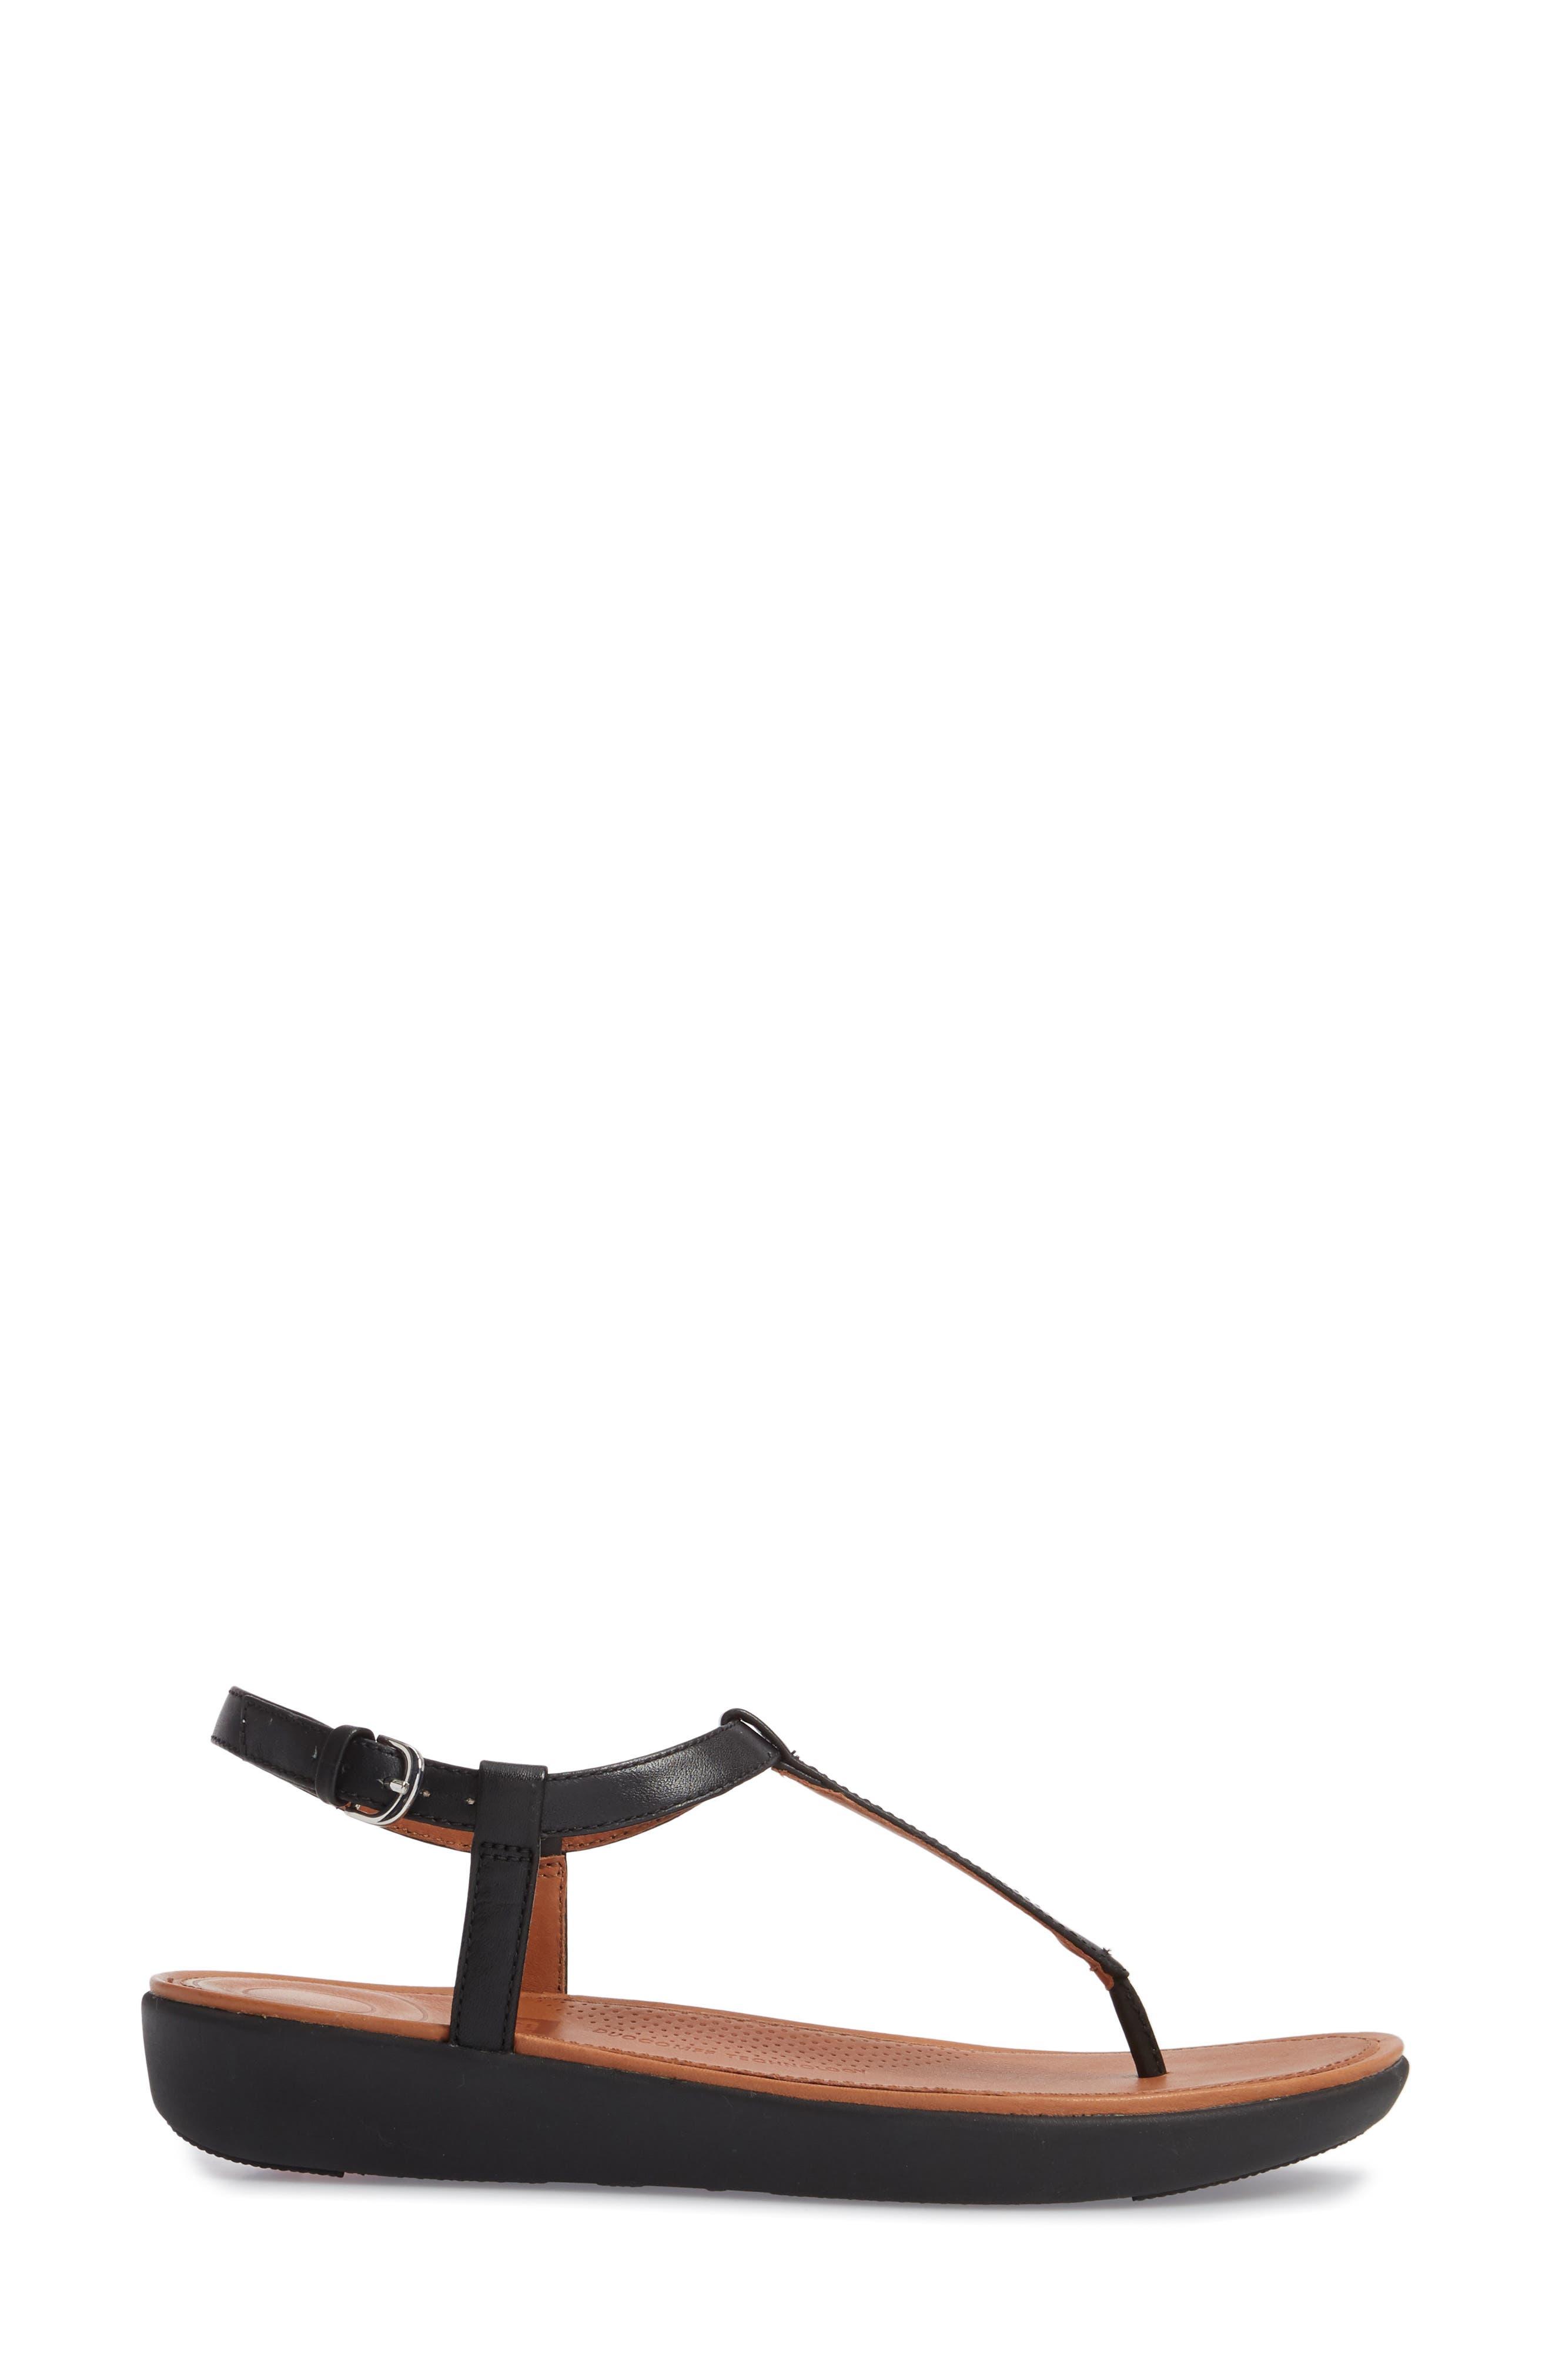 Tia Thong Sandal,                             Alternate thumbnail 3, color,                             Black Leather